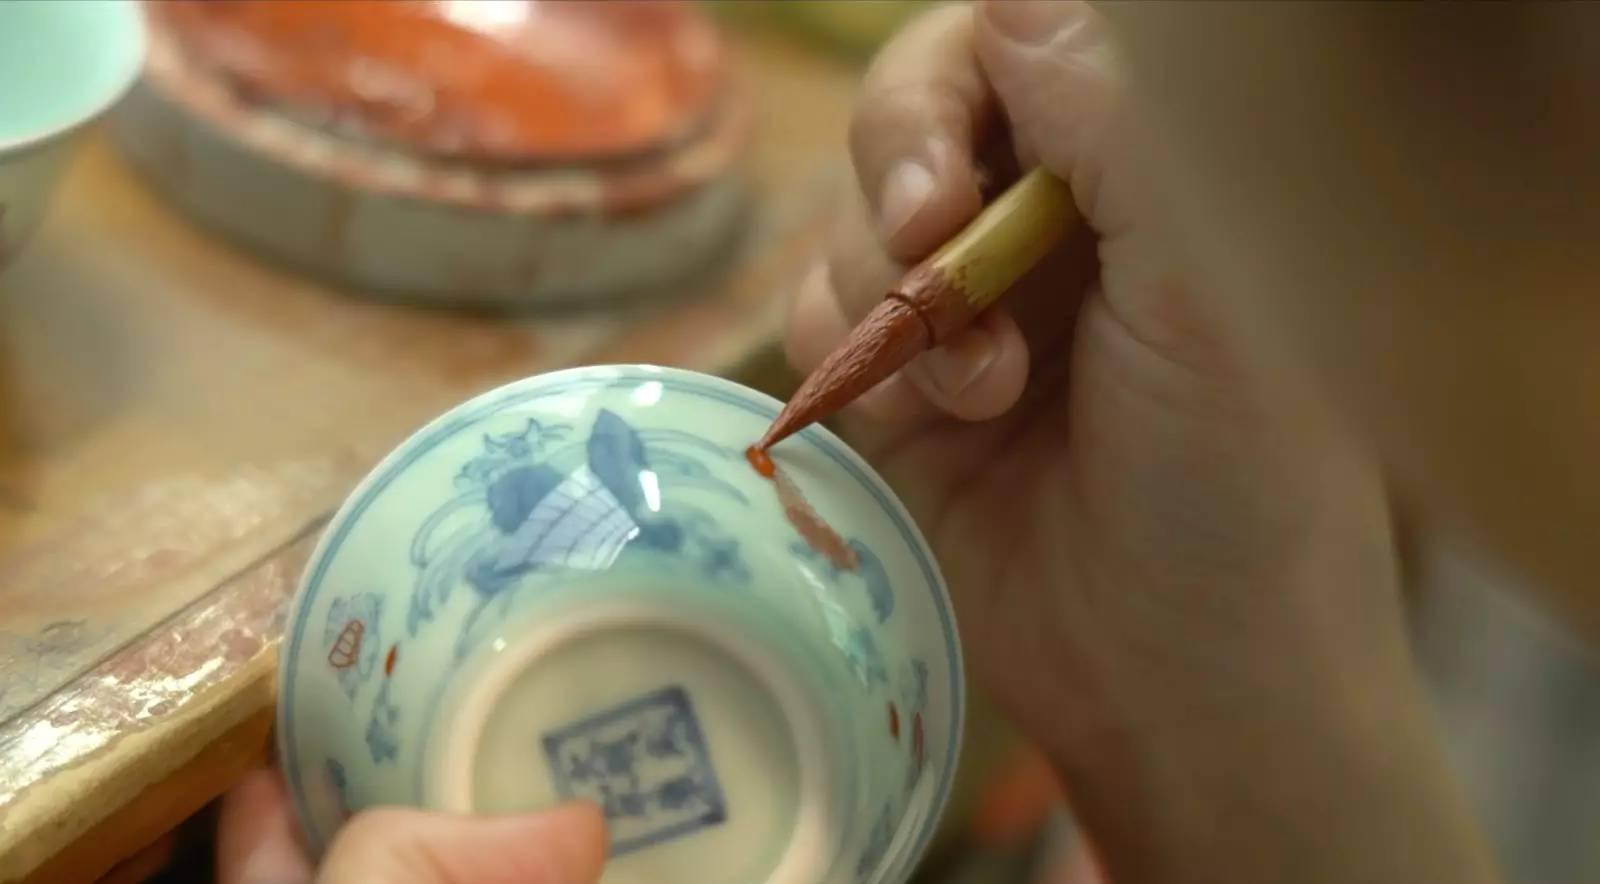 拍出2.8亿的斗彩瓷杯是如何烧成的 - 老泉 - 把酒临风的博客